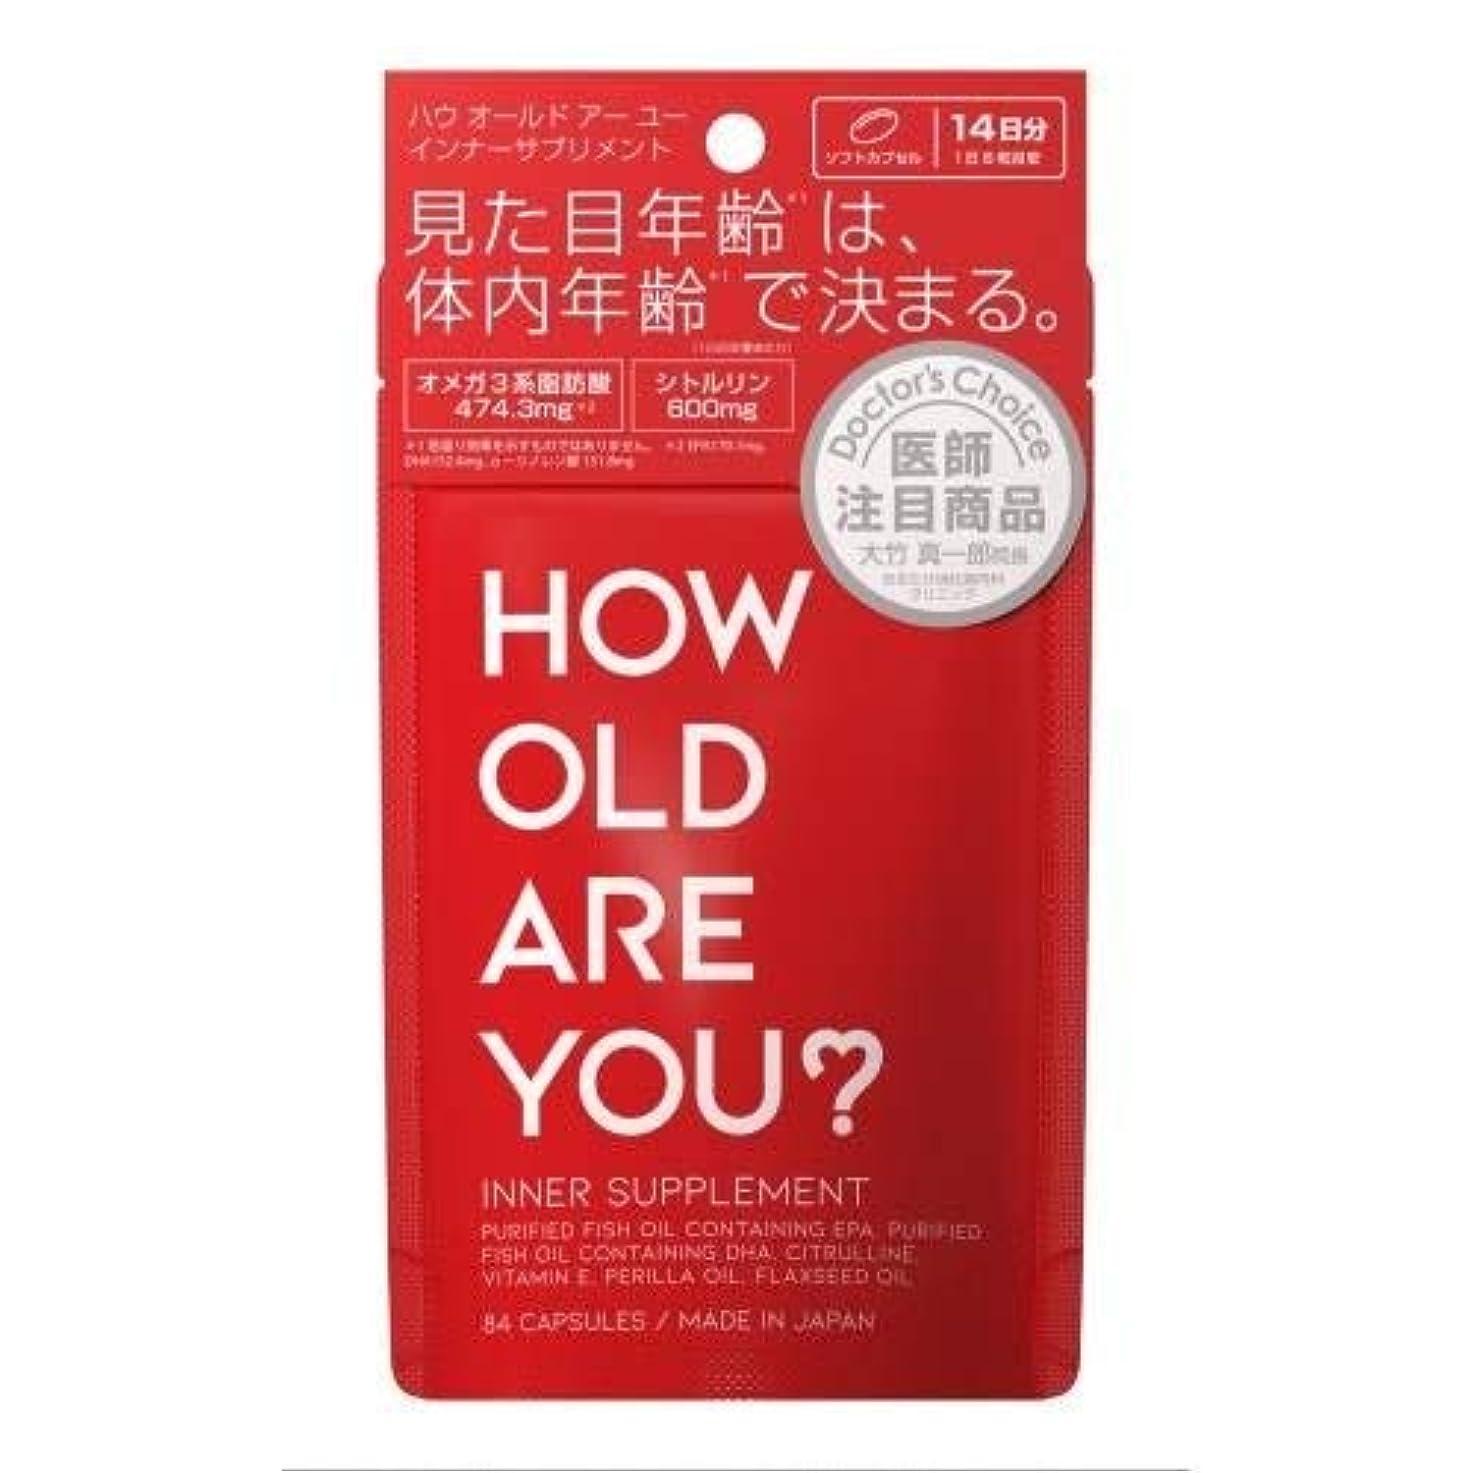 目立つギャラリーソビエト【3個セット】HOW OLD ARE YOU?インナーサプリメント 84粒